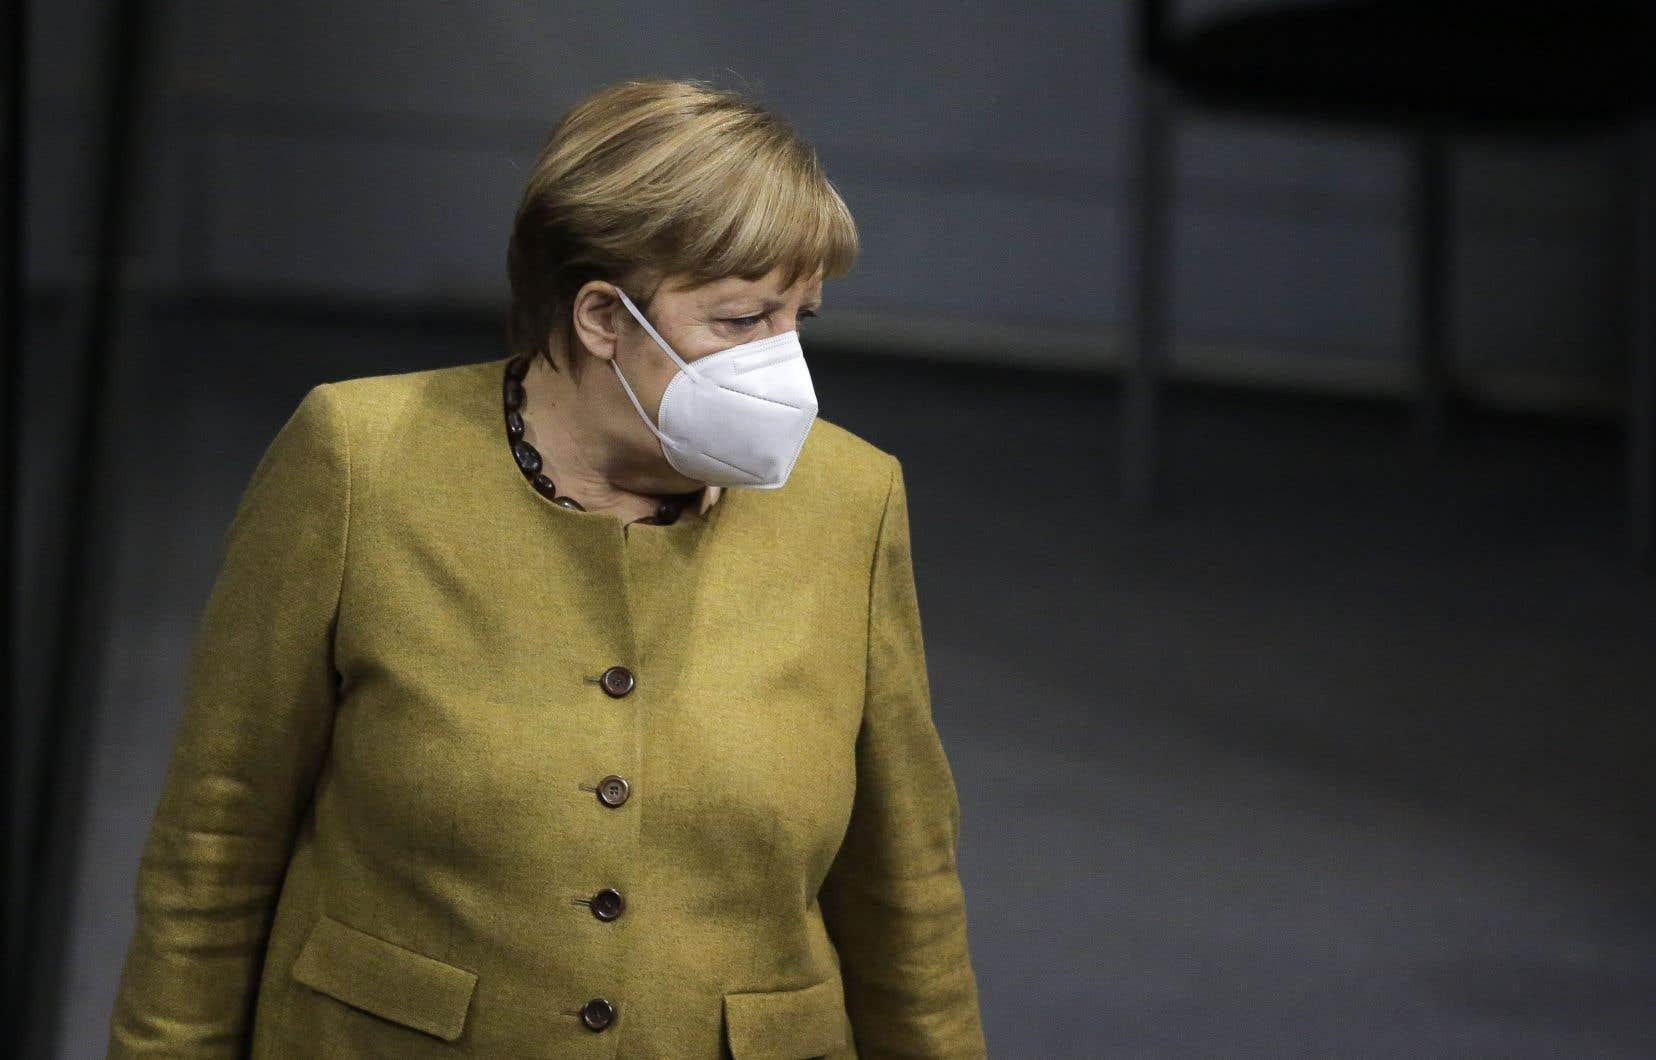 Les révélations en cascade, depuis la fin février, autour de l'«affaire des masques», et les critiques croissantes sur la gestion de la crise sanitaire ont affaibli le parti de la chancelière.